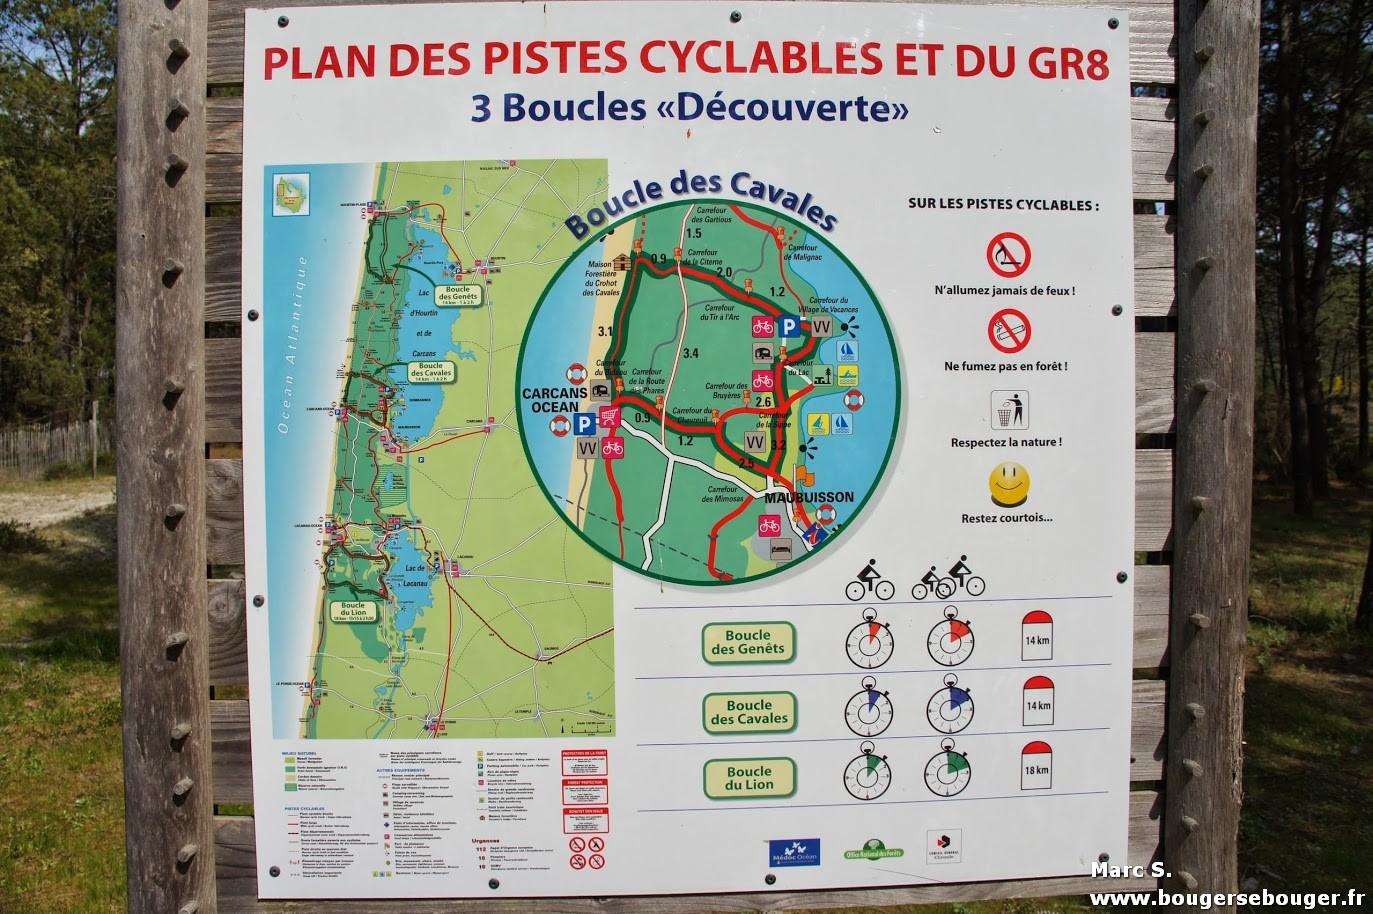 Plan des pistes et itinéraires cyclables à proximité du domaine départemental de sports et de loisirs de Bombannes (près du lac d'Hourtin) tel que vu lors d'une rando entre Charentes, Saintonge et Médoc en avril 2014.